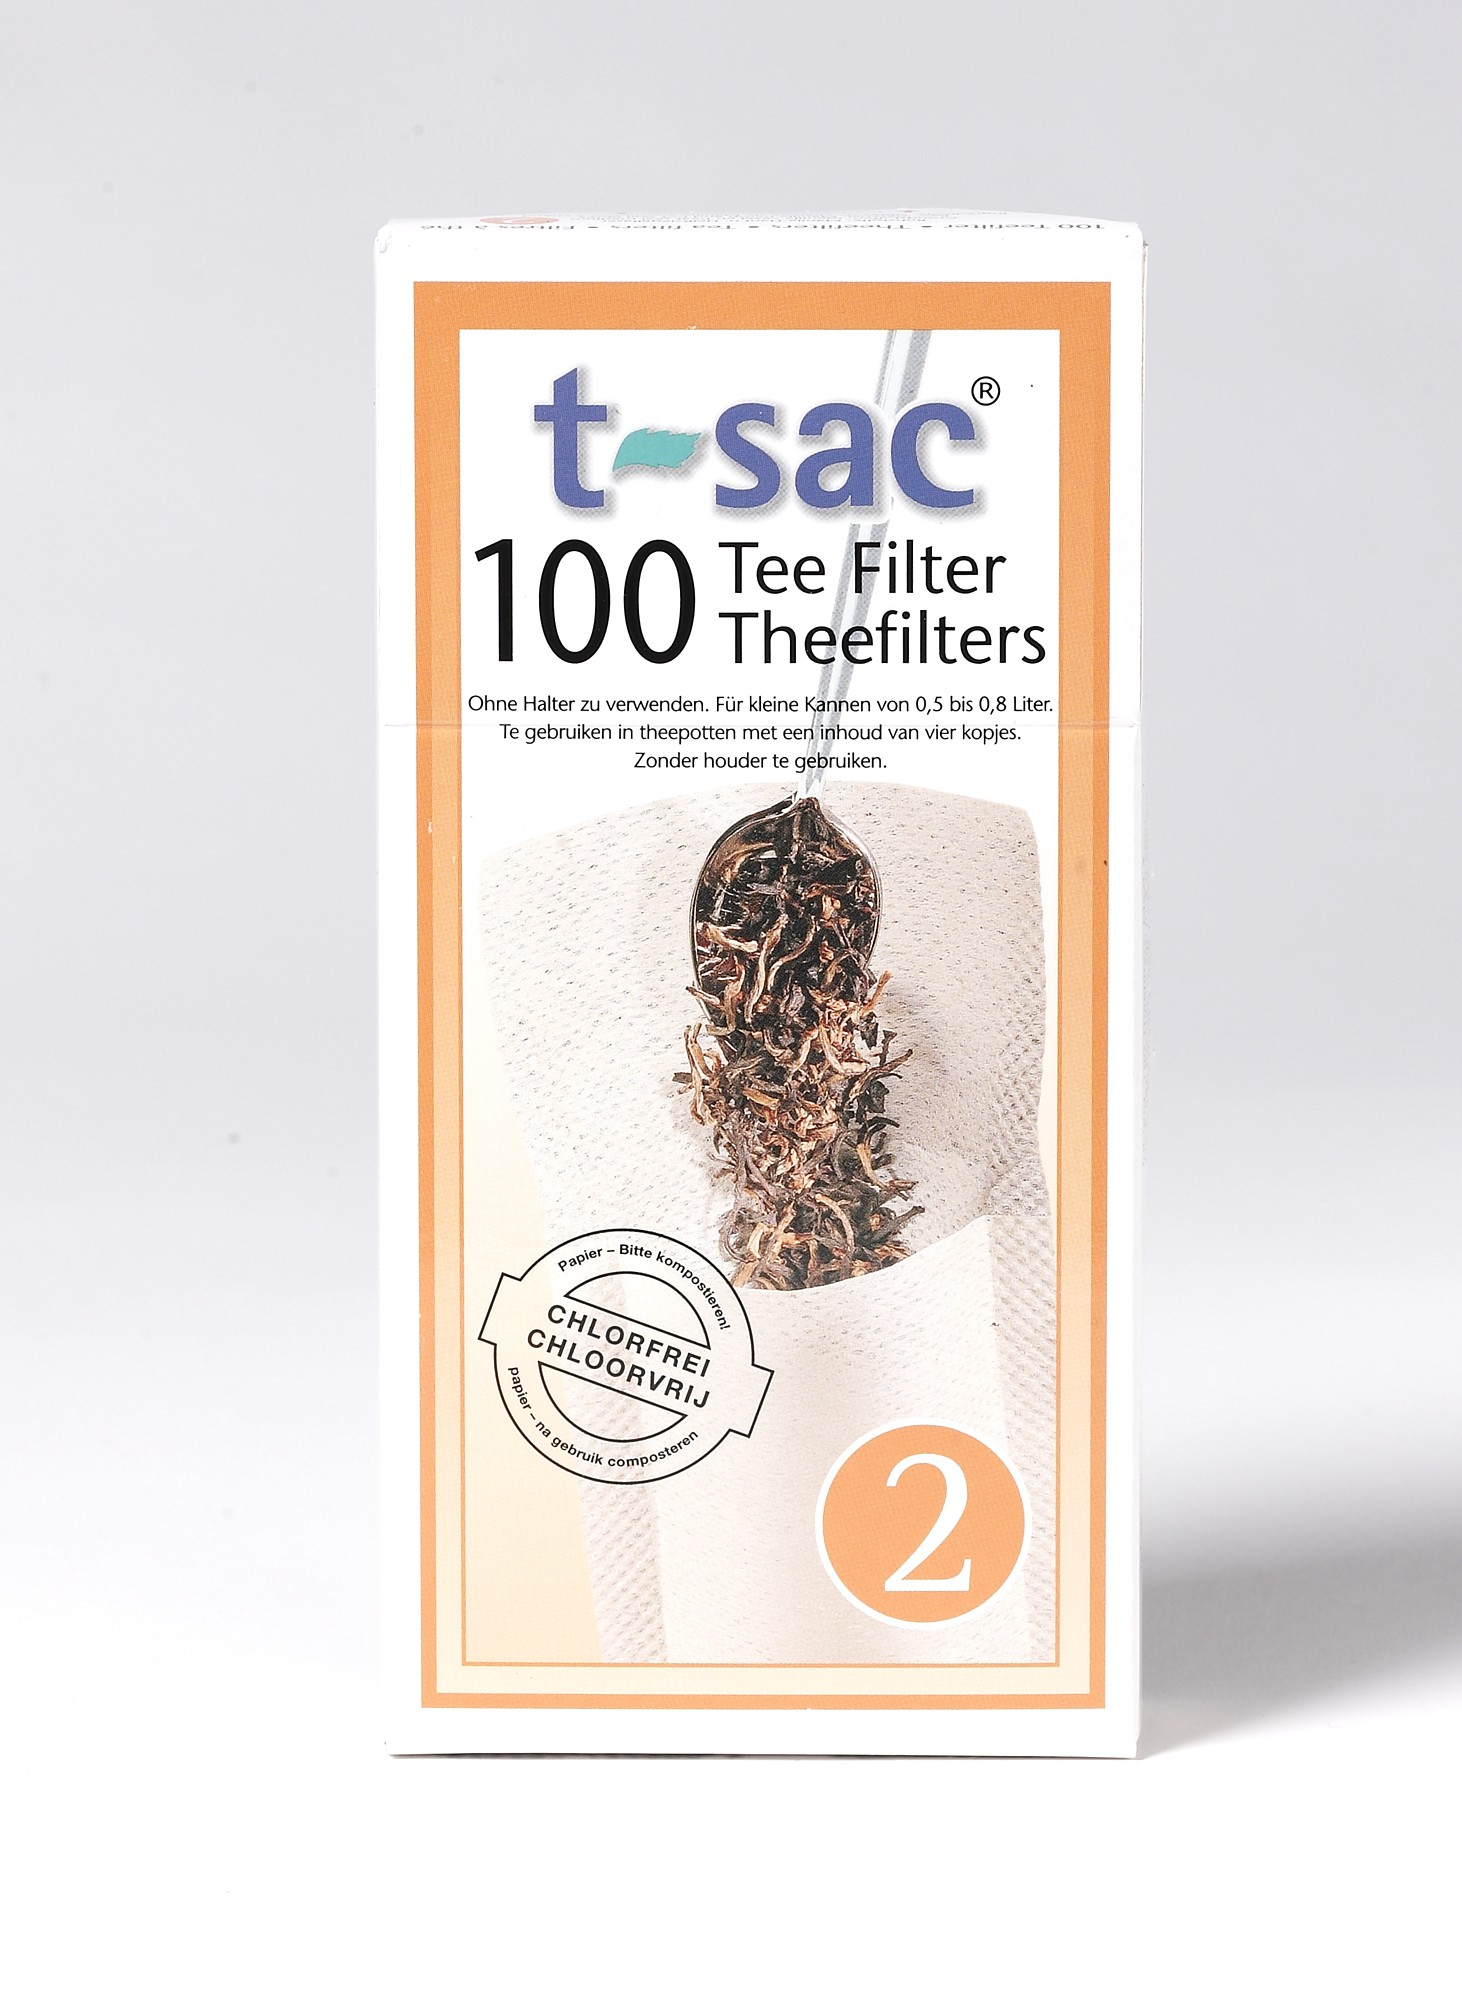 T-Sac Tea Filter #2